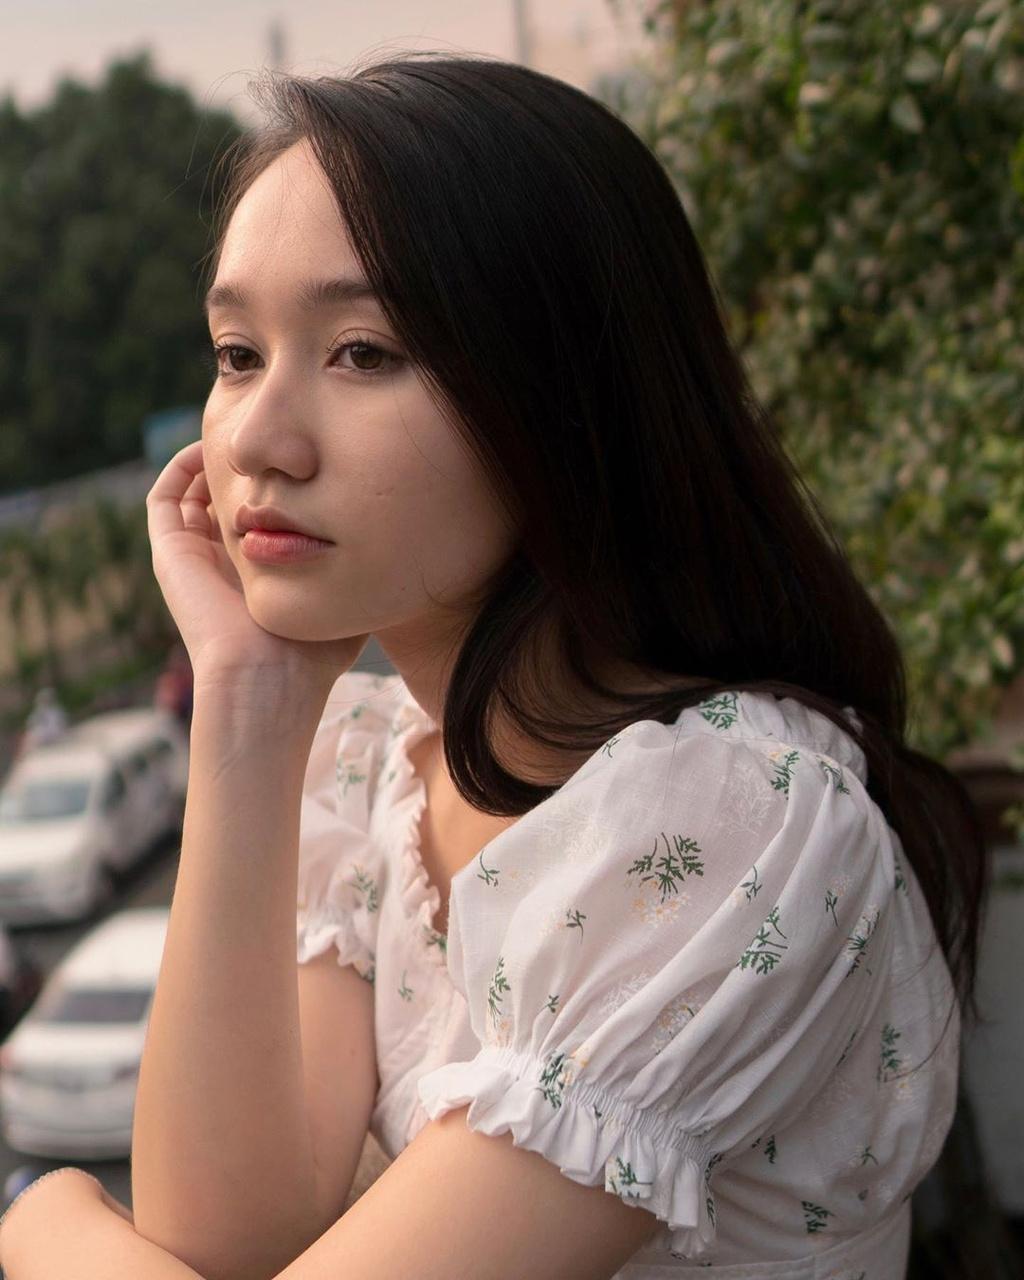 Ha Lan 'Mat biec' chuong style nang tho, Hong thich kieu truong thanh hinh anh 5 72160939_191411982025760_2142945960990395954_n.jpg